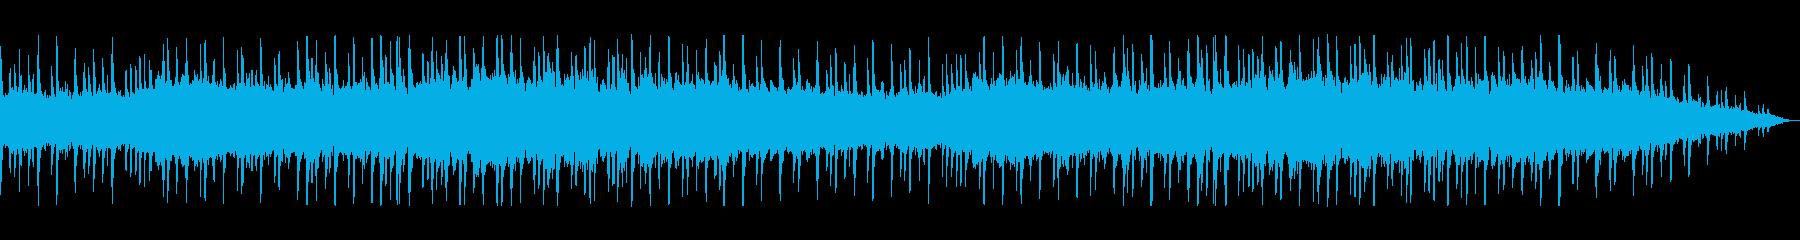 幻想的で落ち着く和風ミュージックの再生済みの波形